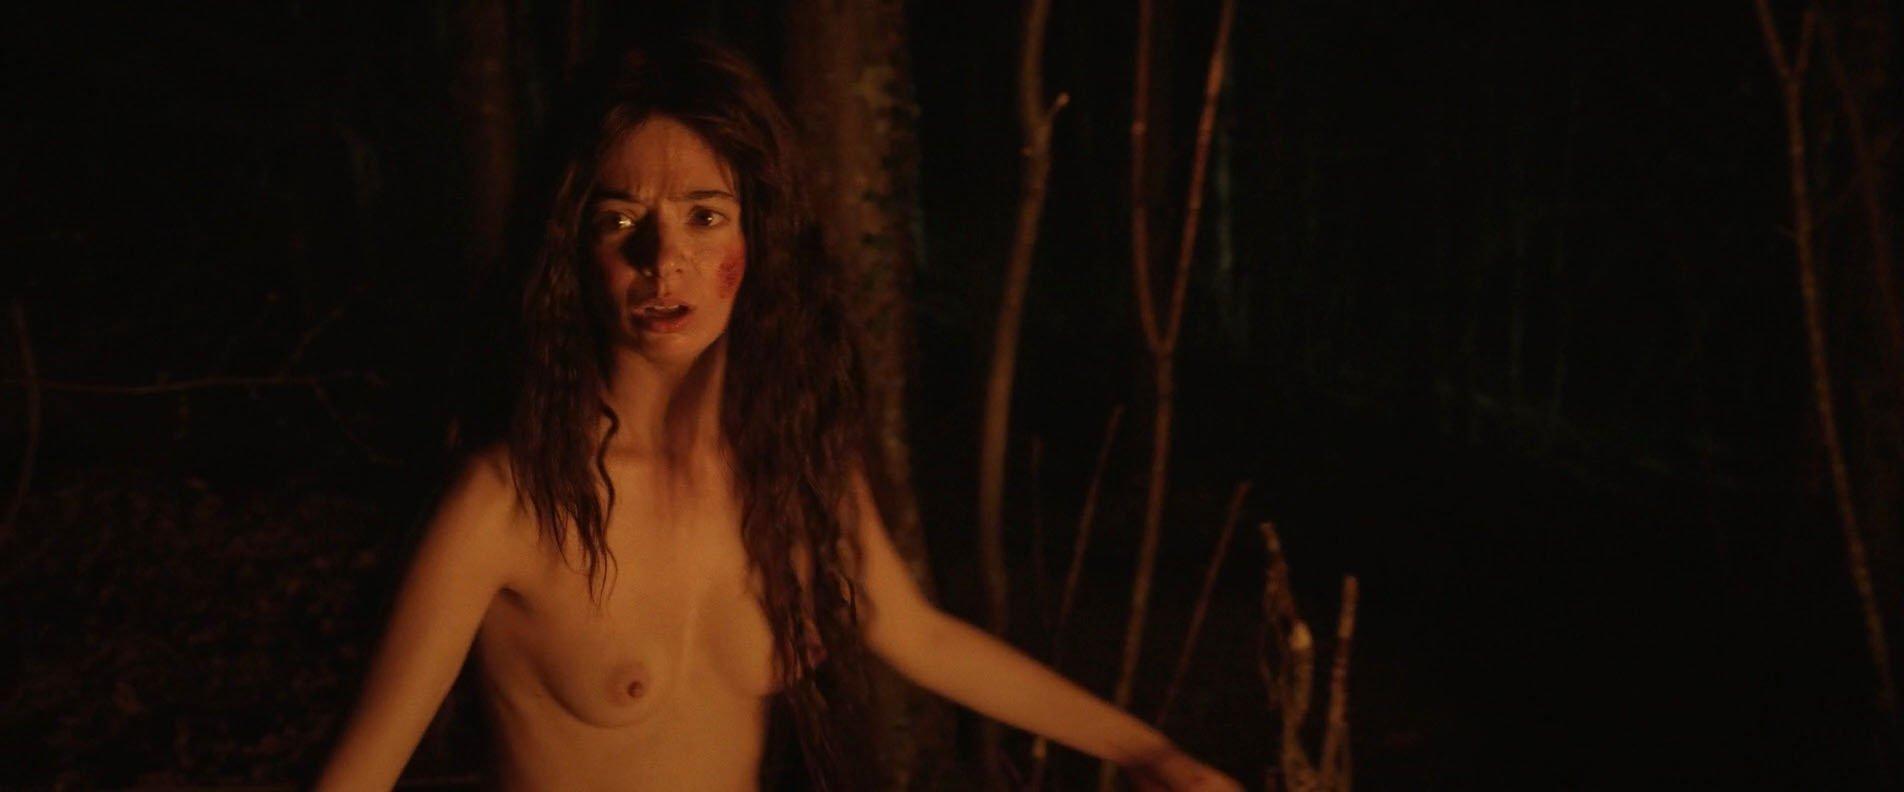 Kate Micucci nude